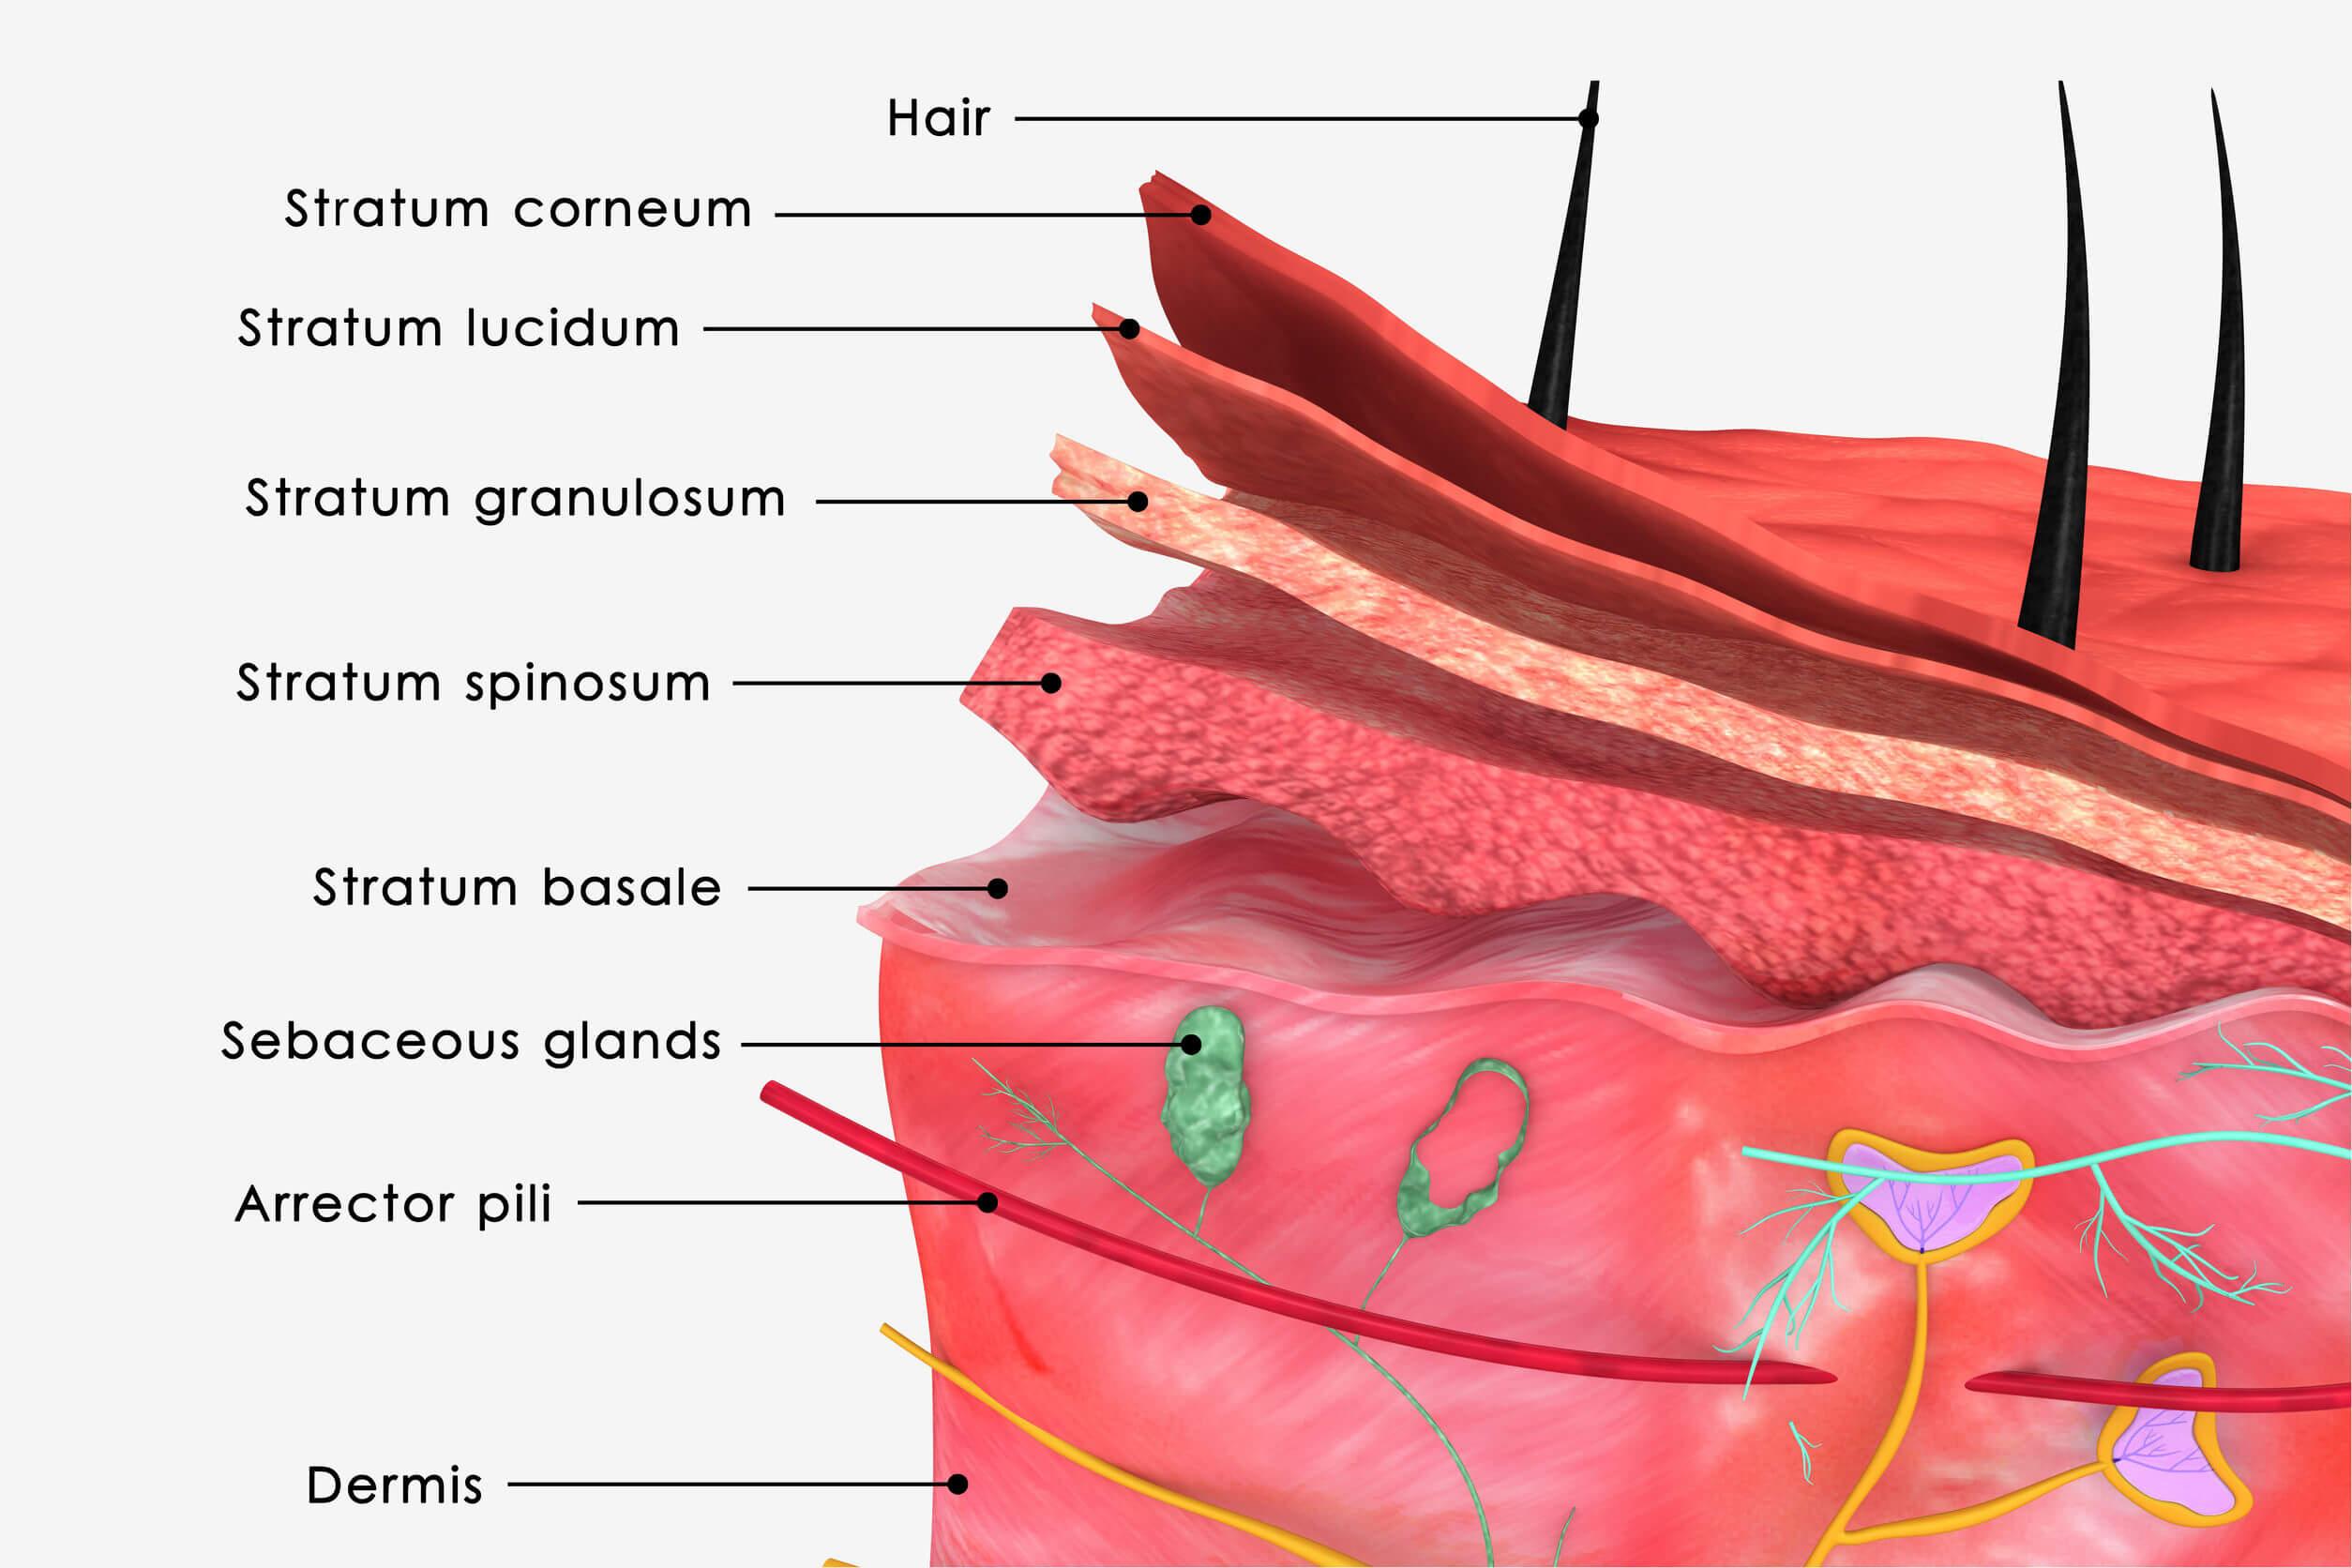 La epidermis es la parte más superficial de la piel, en estrecho contacto con estructuras vitales para la anatomía del tacto.